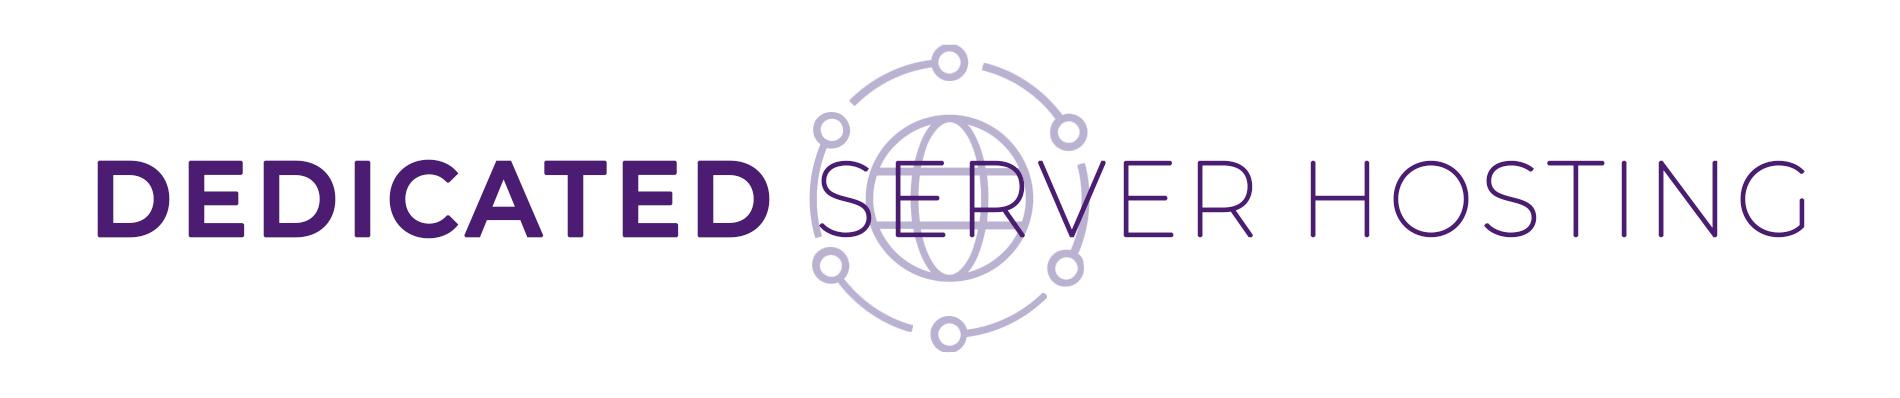 Dedicated Server Hosting with WMA